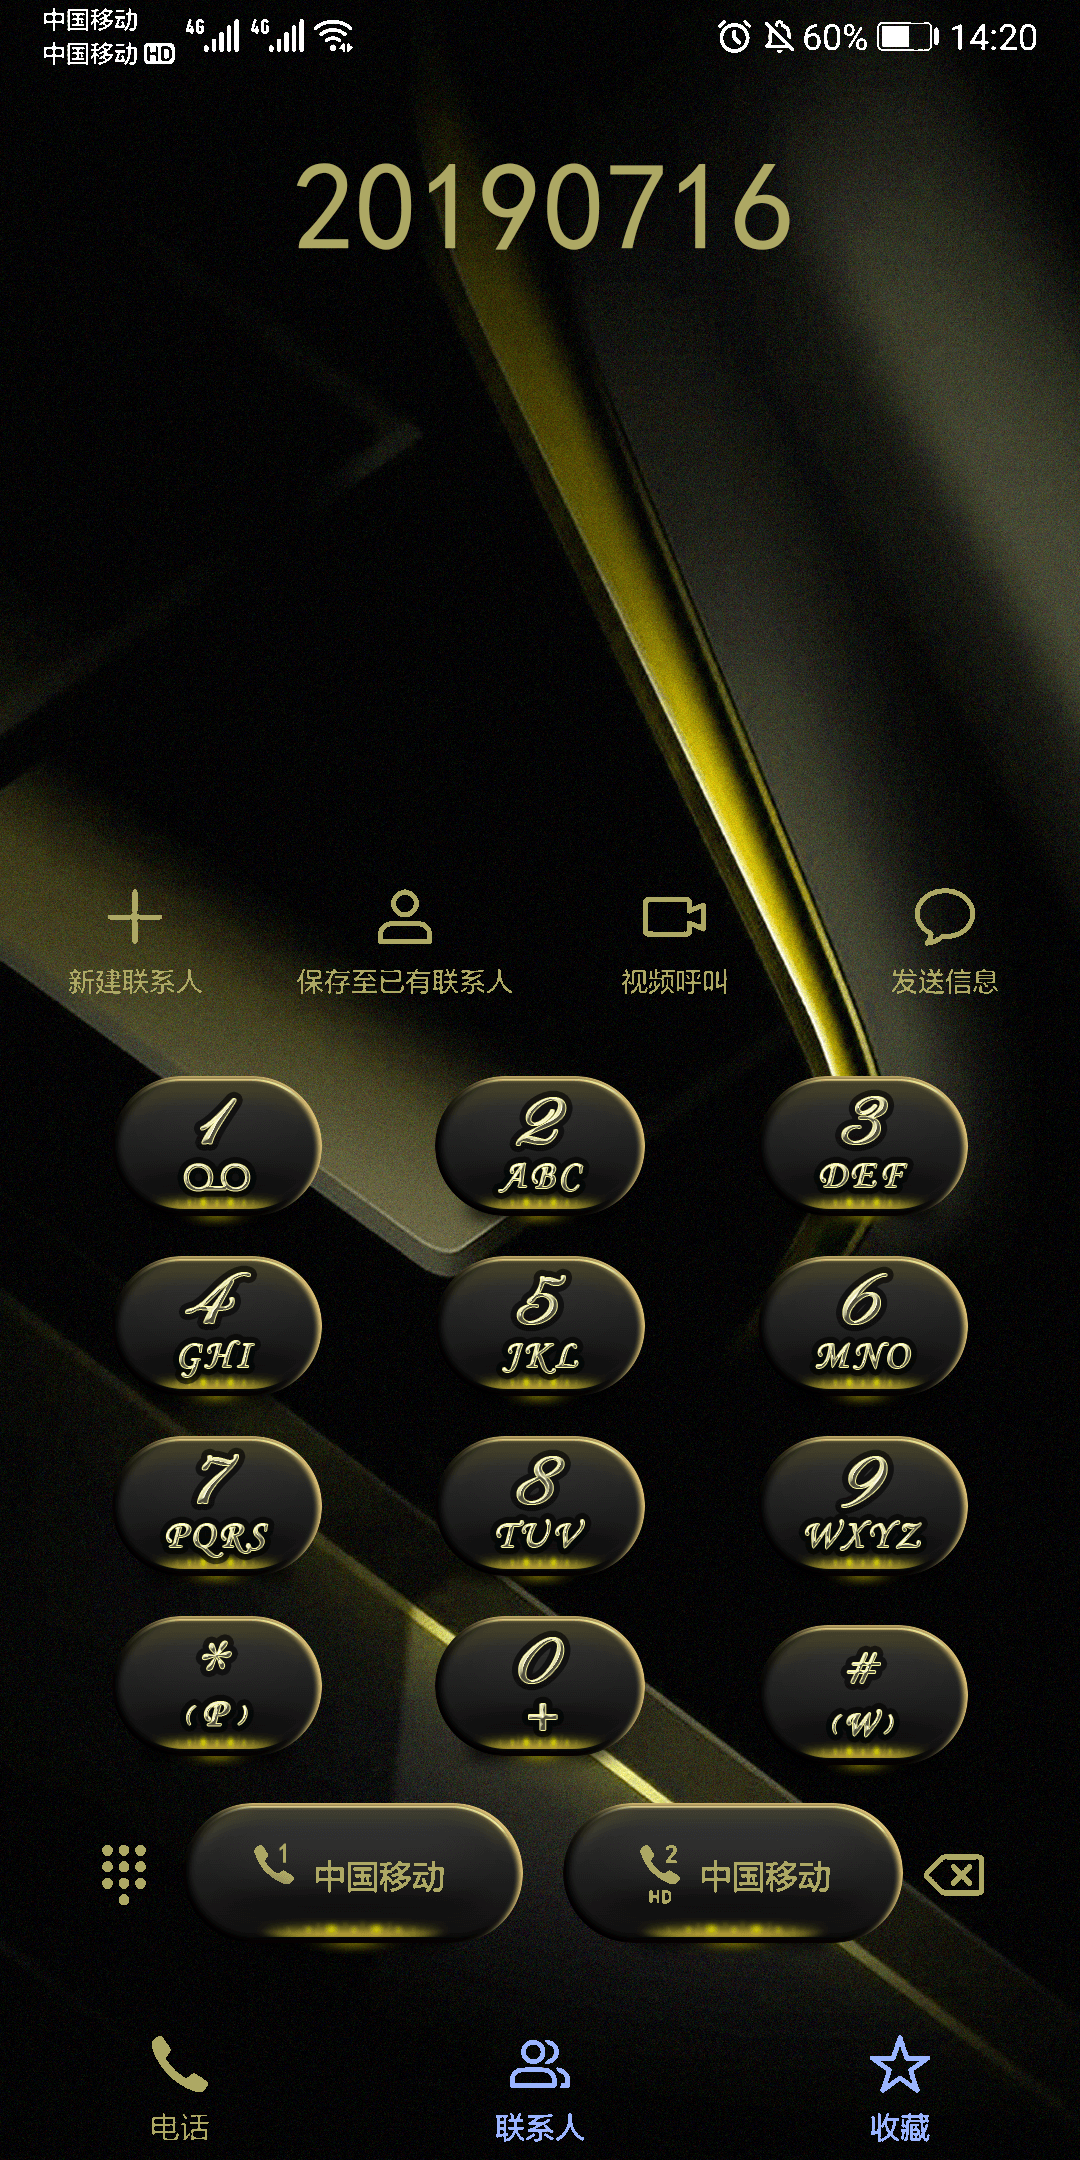 9.0+拨号界面.png